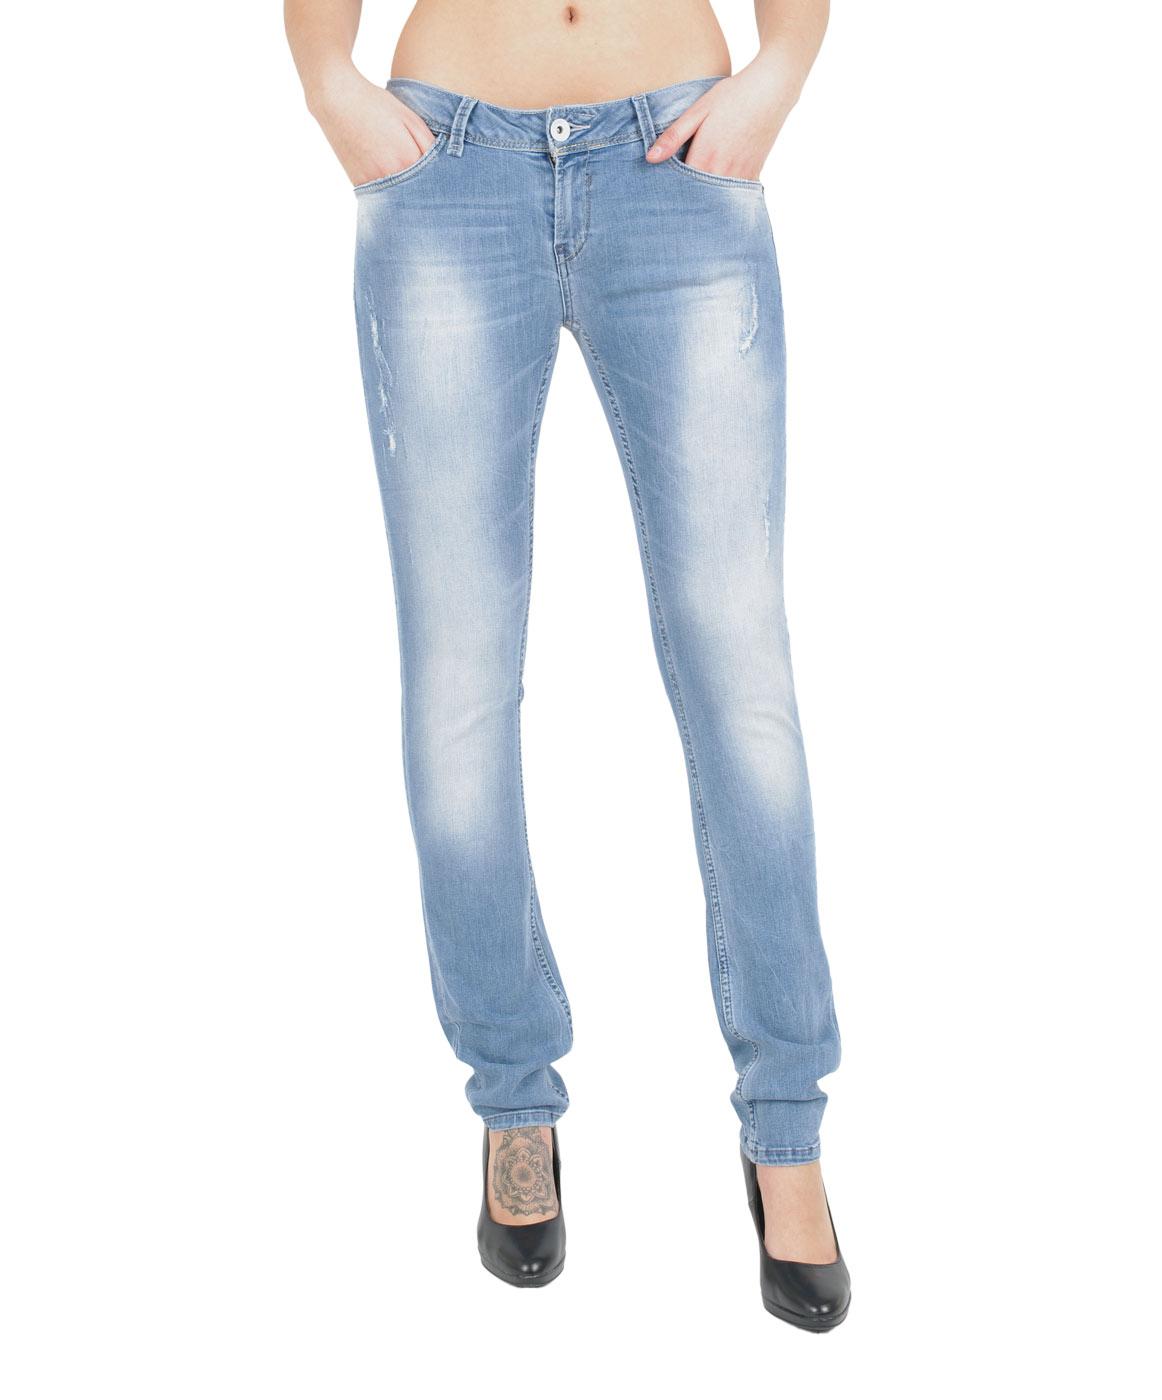 Hosen - Garcia Slim Fit Jeans Riva in Light Blue Vintage  - Onlineshop Jeans Meile